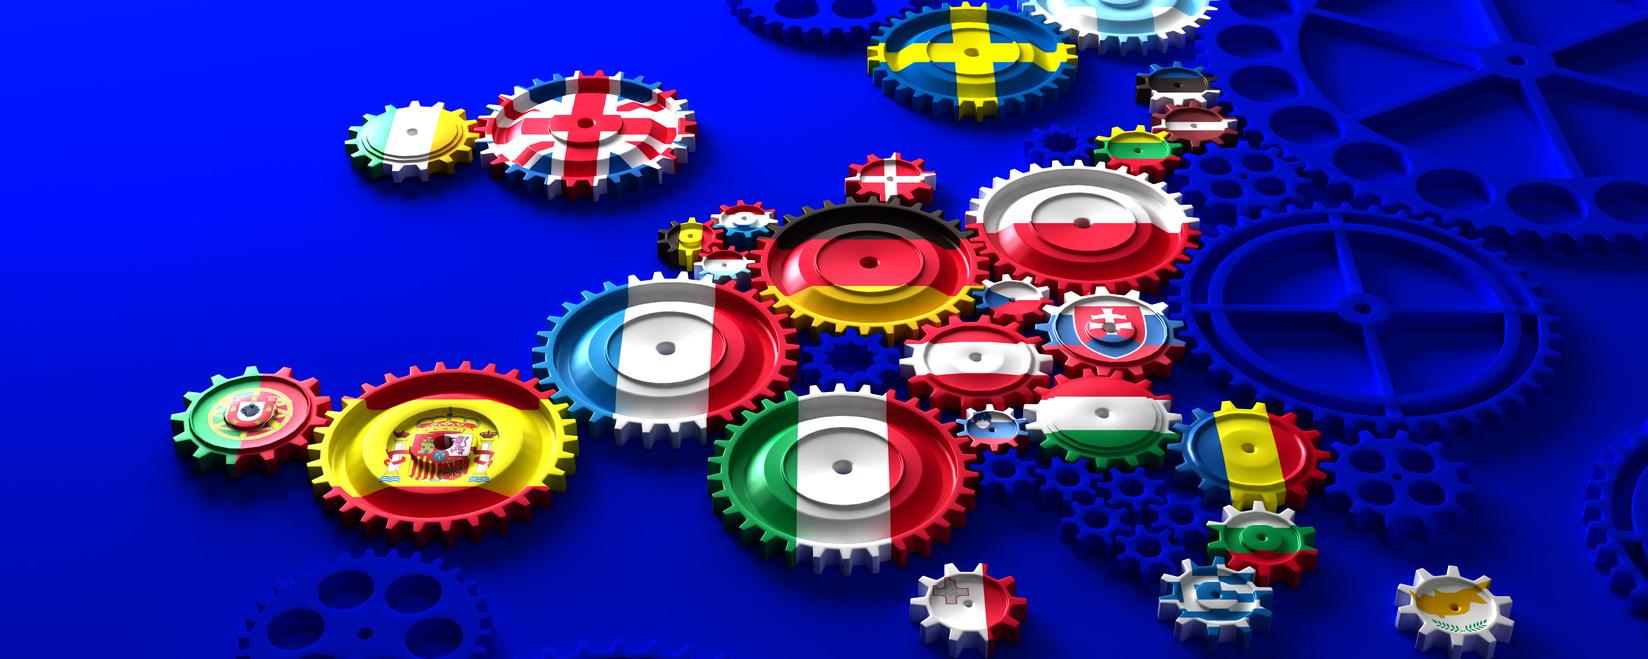 Aussetzung der EU-Beitrittsverhandlungen mit der Türkei